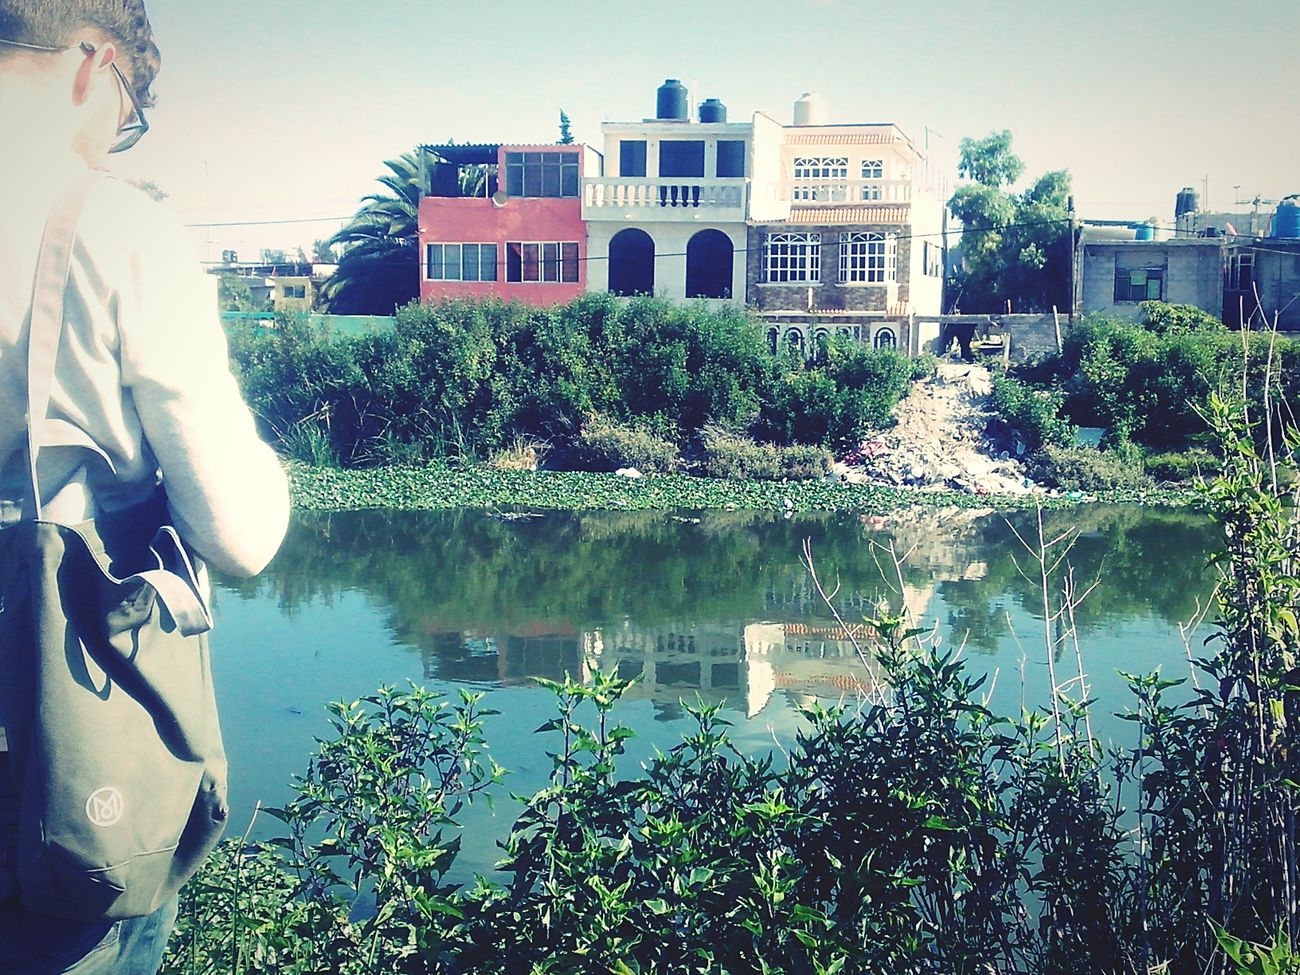 ¡Ni una menos! Broken Dreams River Watching Photo Singing Happyness